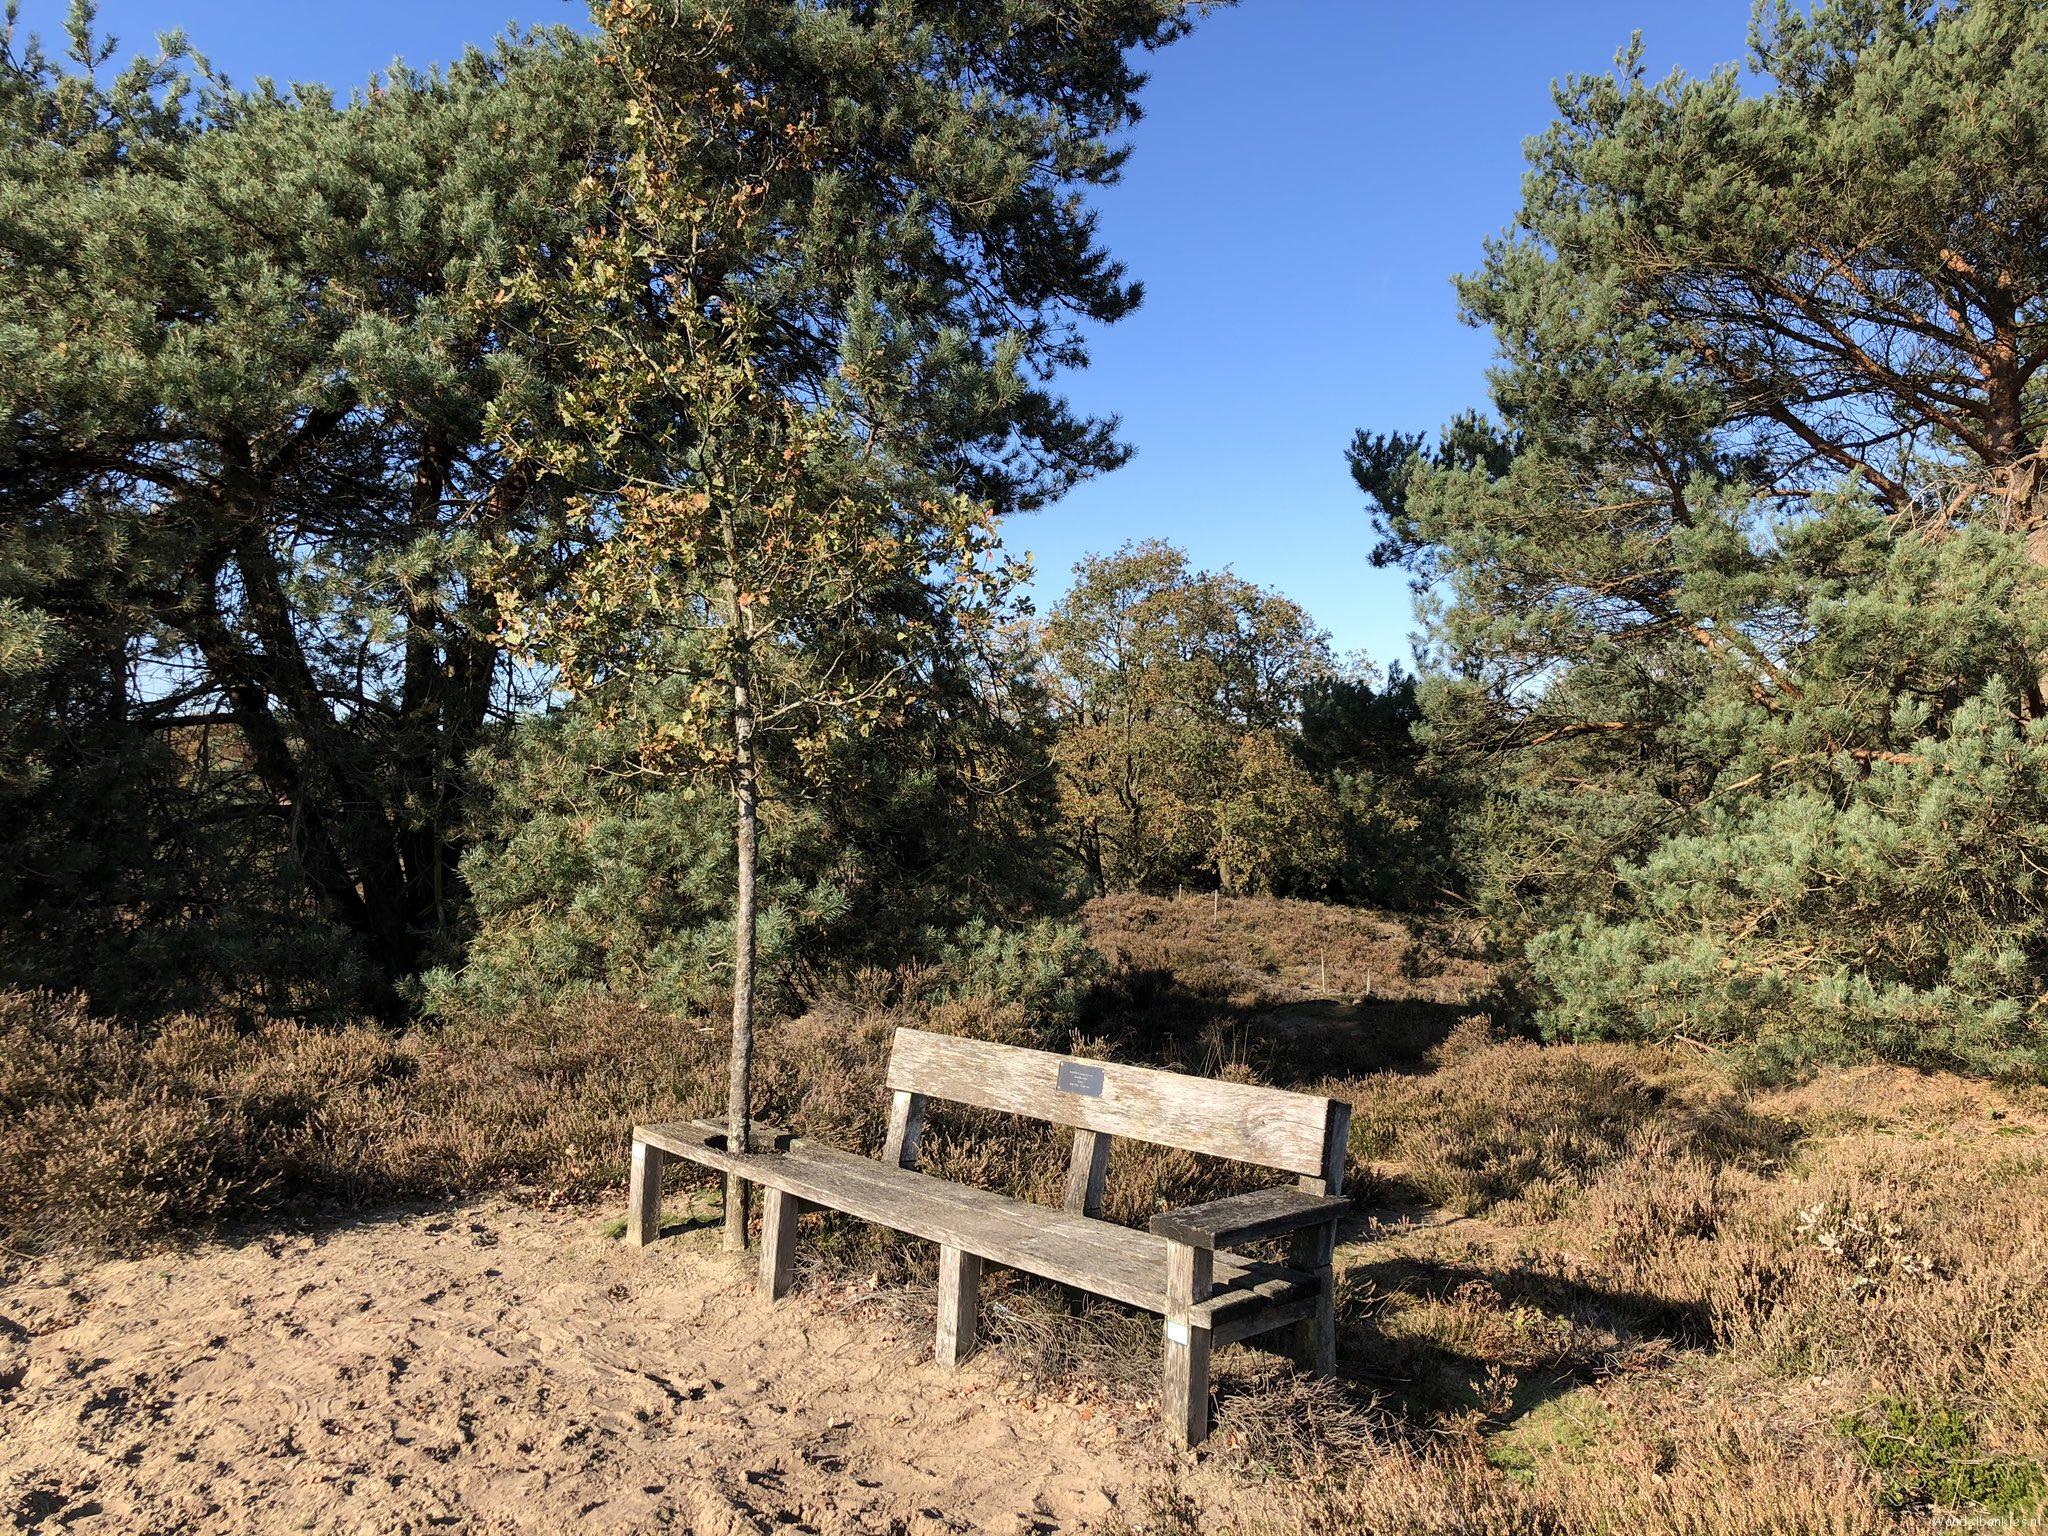 rt-gertientje-mijn-favoriete-plekje-op-terhorsterzand-wandelbankjes-walkersbenches-https-t-co-x3r5u377wr